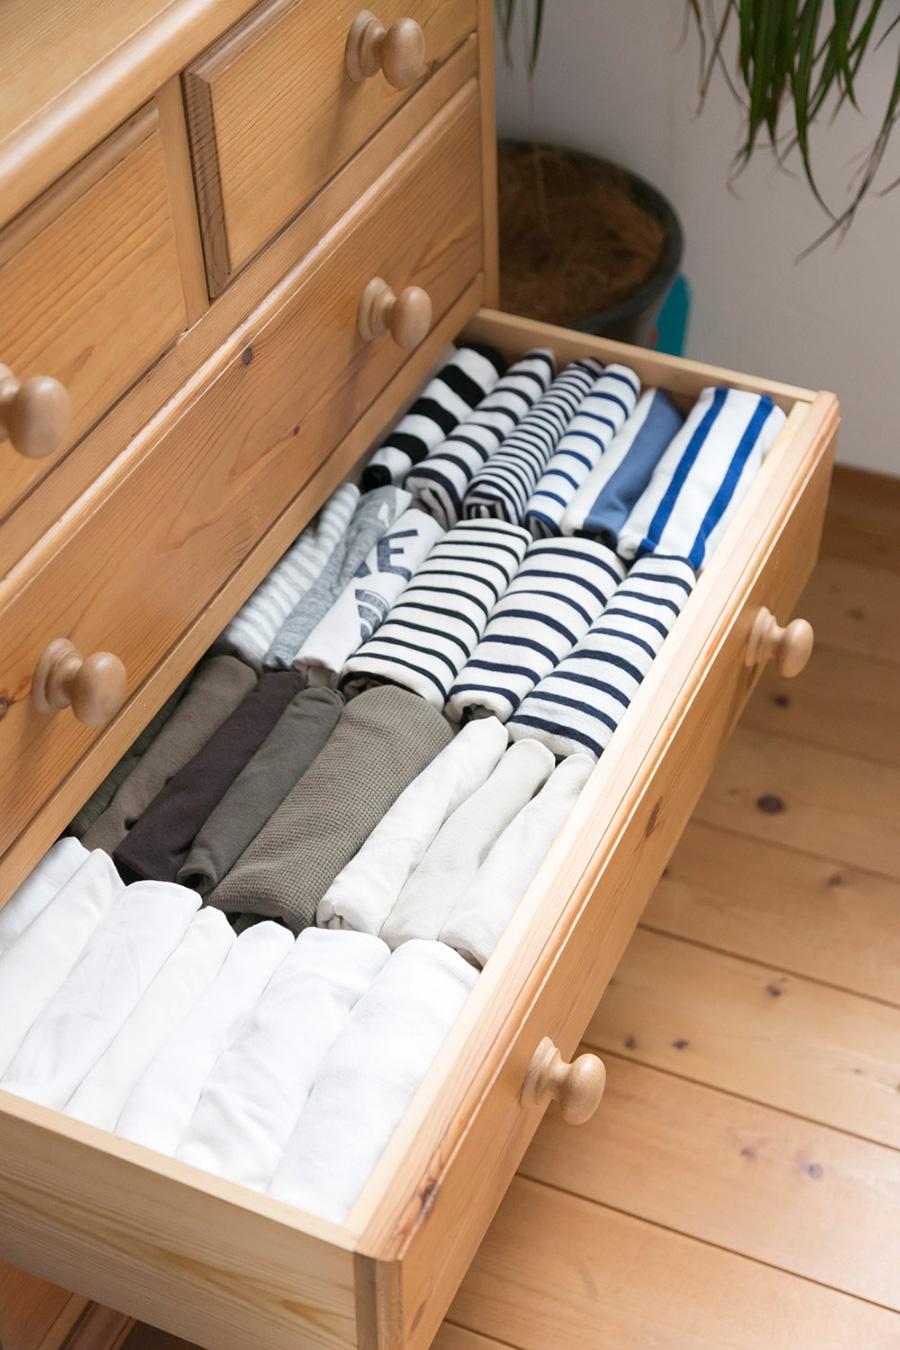 Tシャツ類はチェストの高さに合わせて折りたたみ、立てて収納。色別に分けると見た目もきれいで選びやすい。